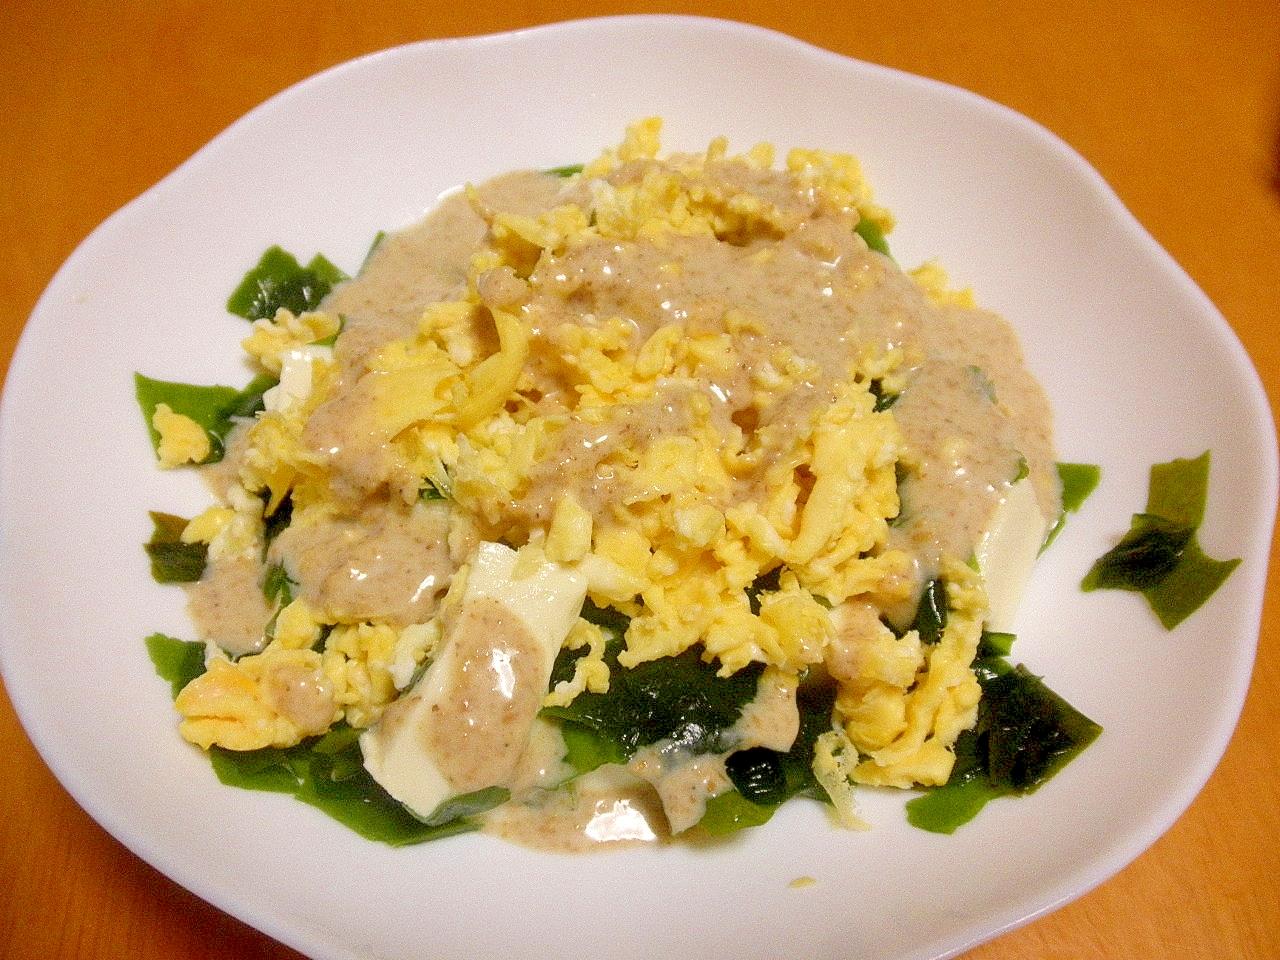 豆腐とわかめと炒り卵のホットサラダ